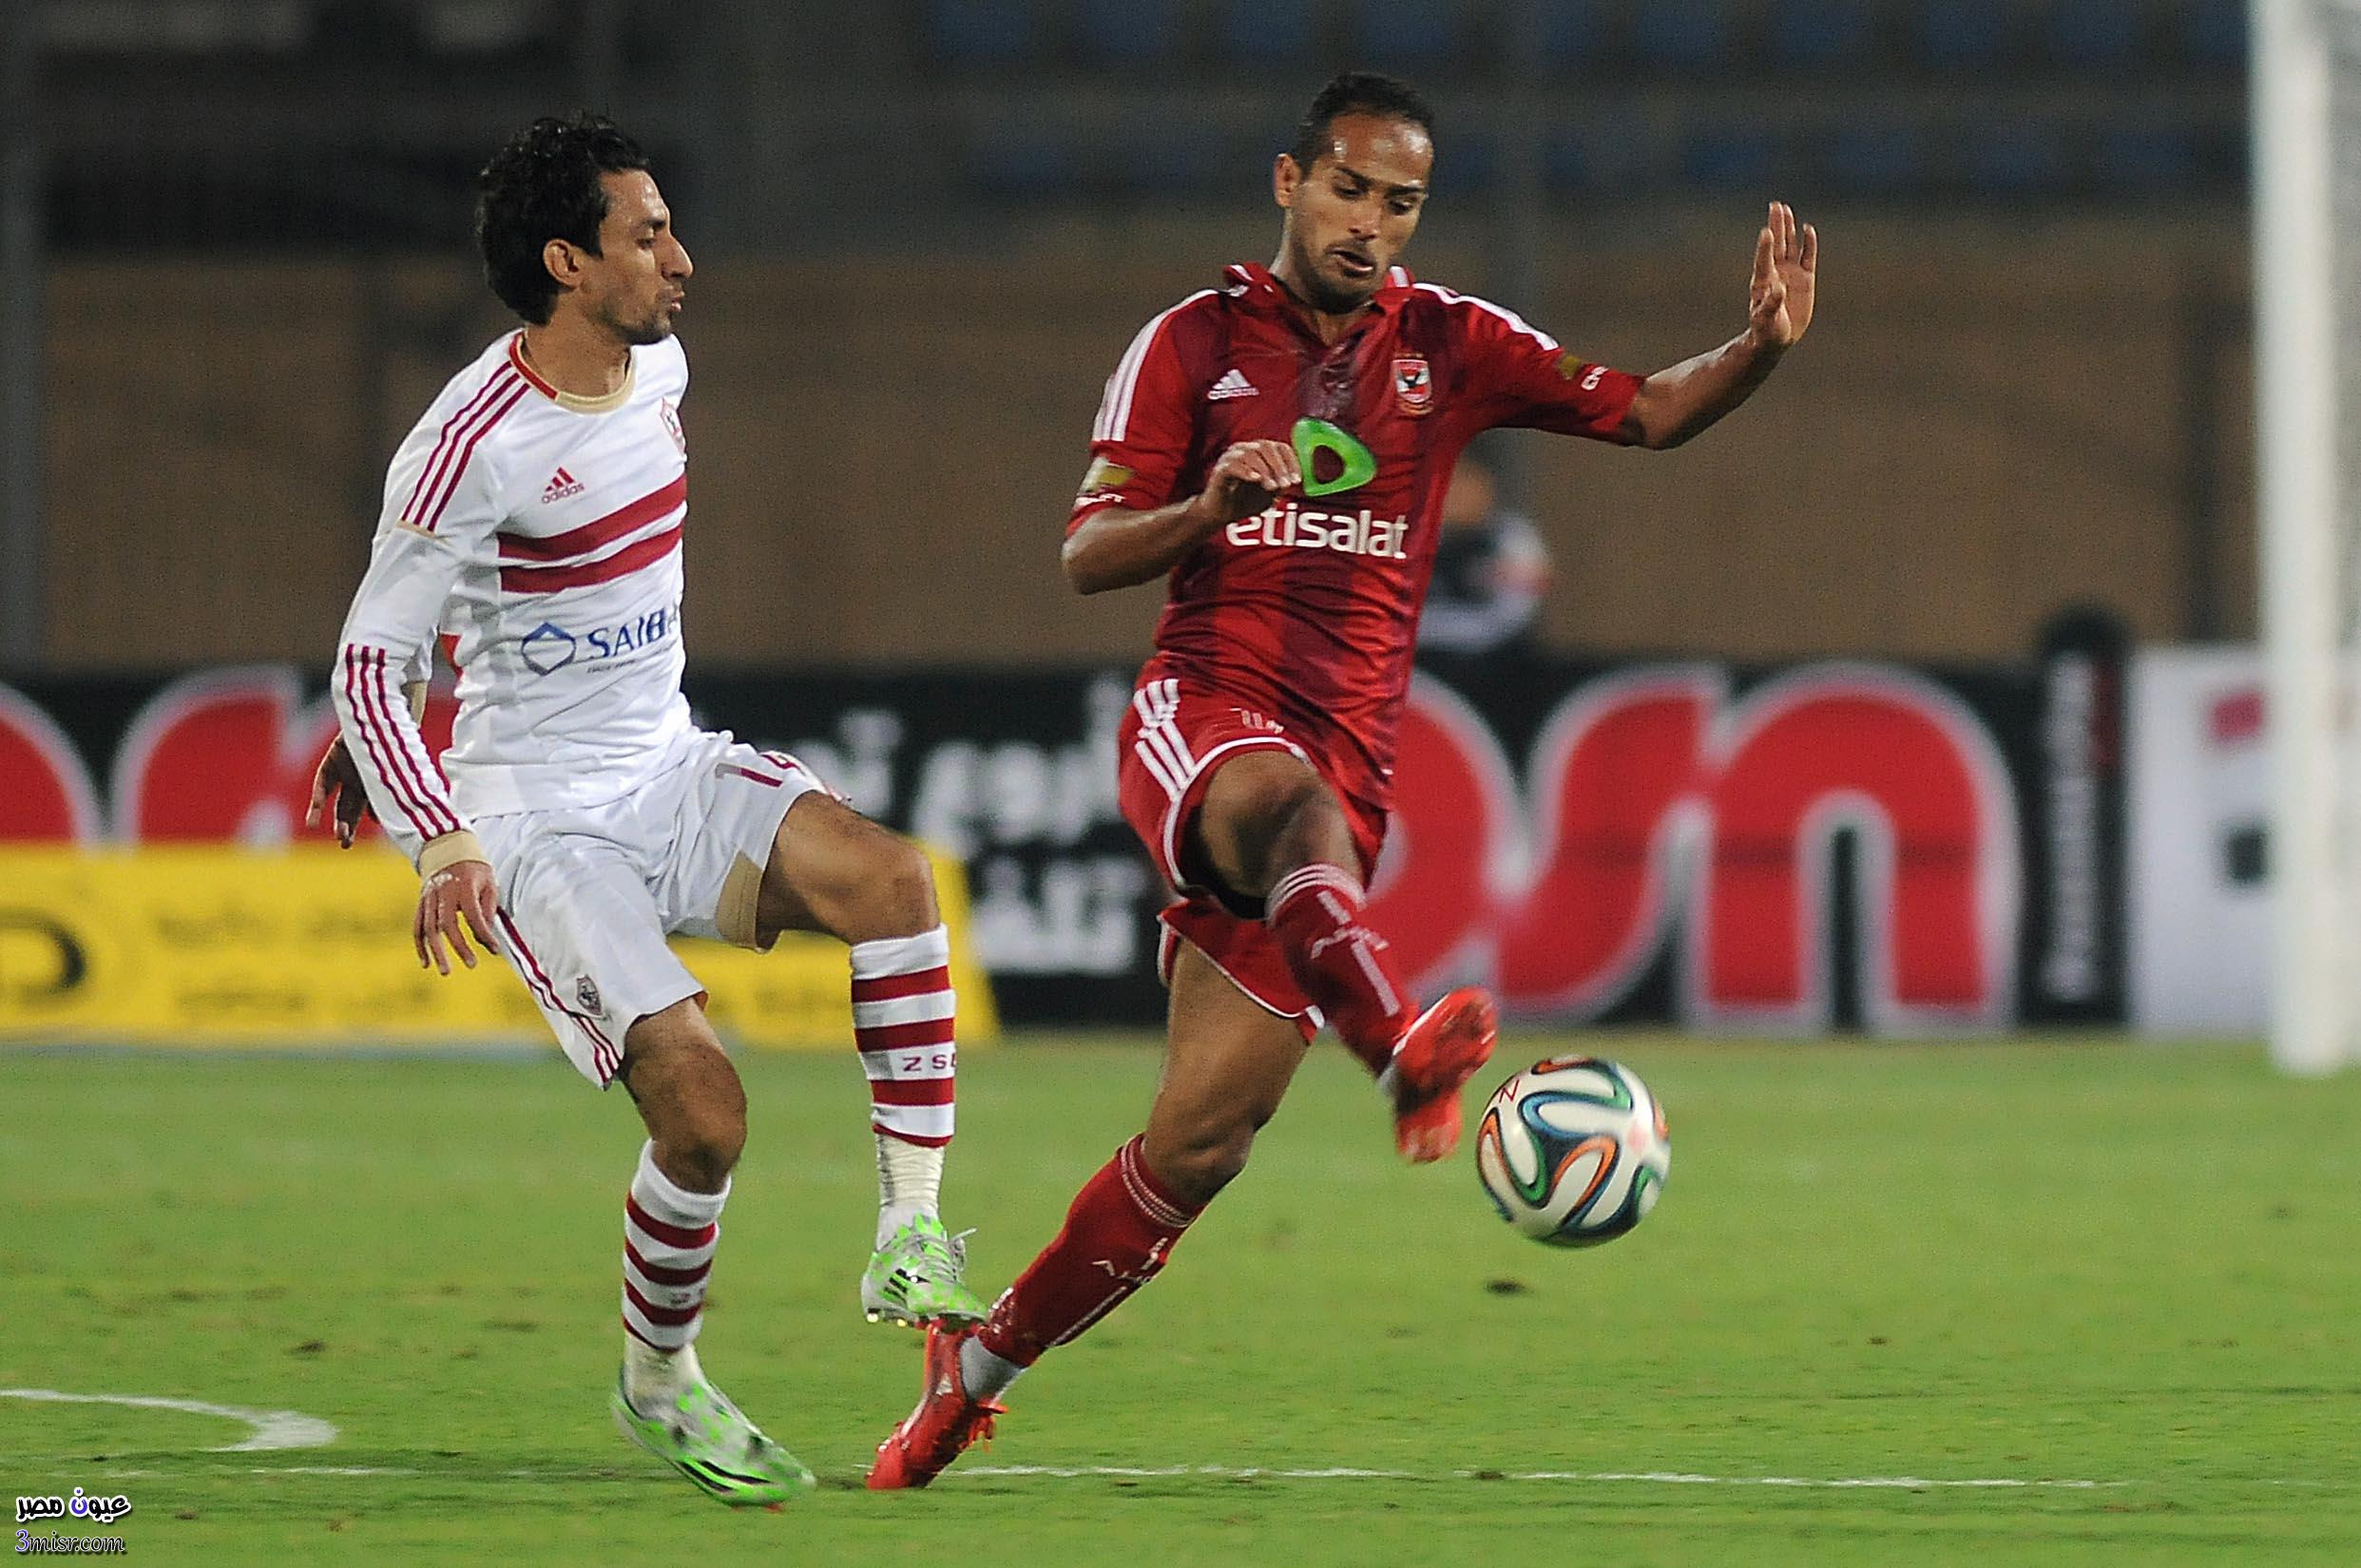 مباراة الاهلى والزمالك نهائي كأس مصر